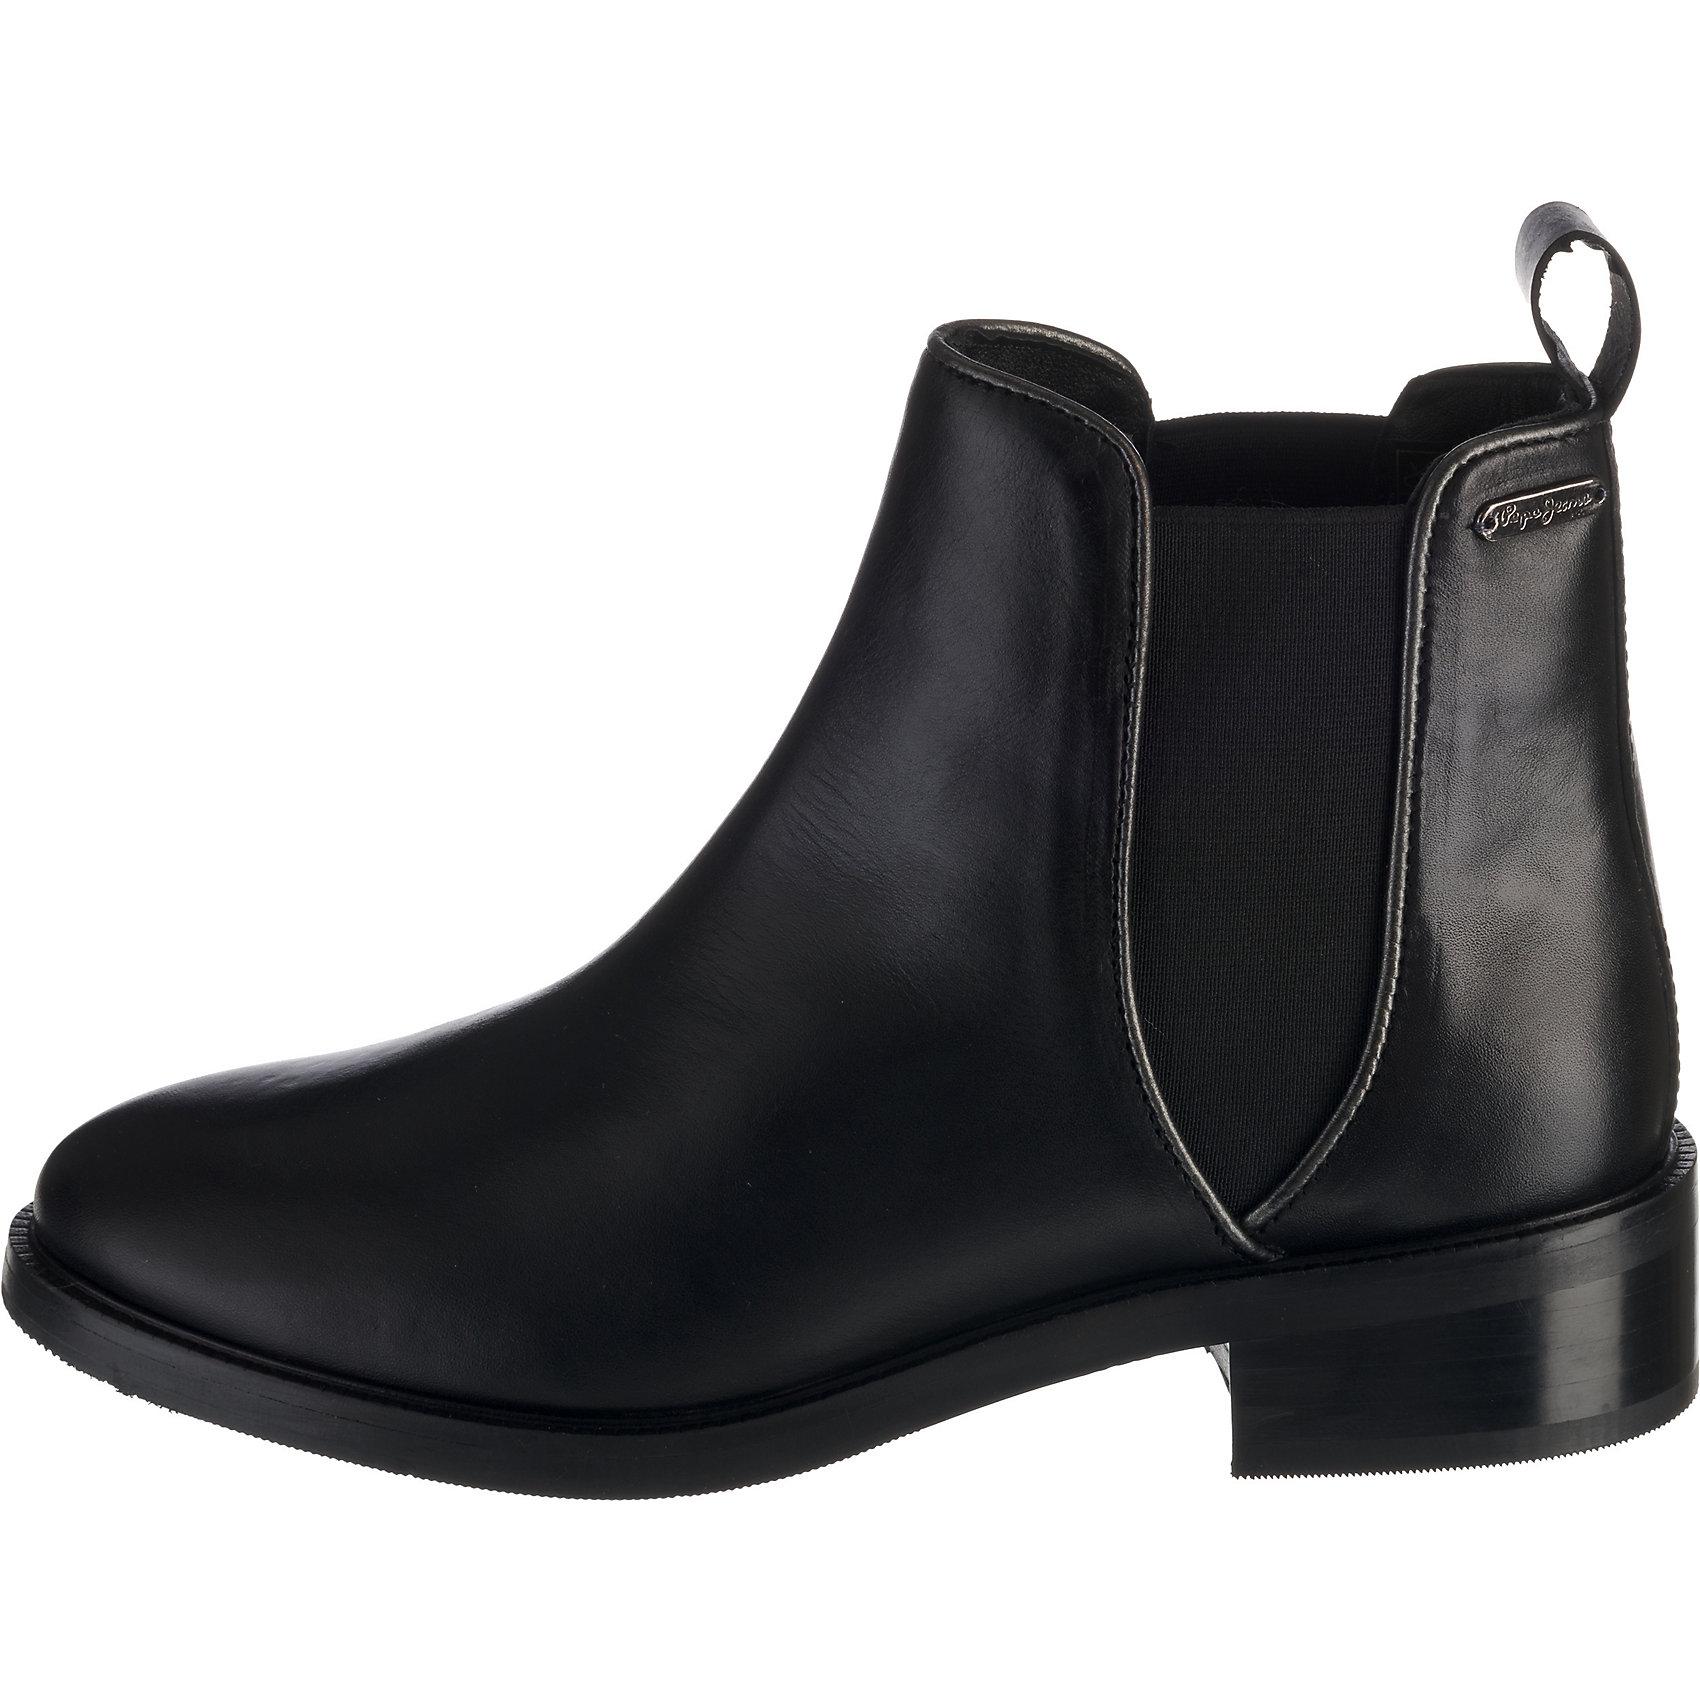 Neu Pepe Jeans DEVON BBSIC Chelsea Boots 8430865 für Damen schwarz